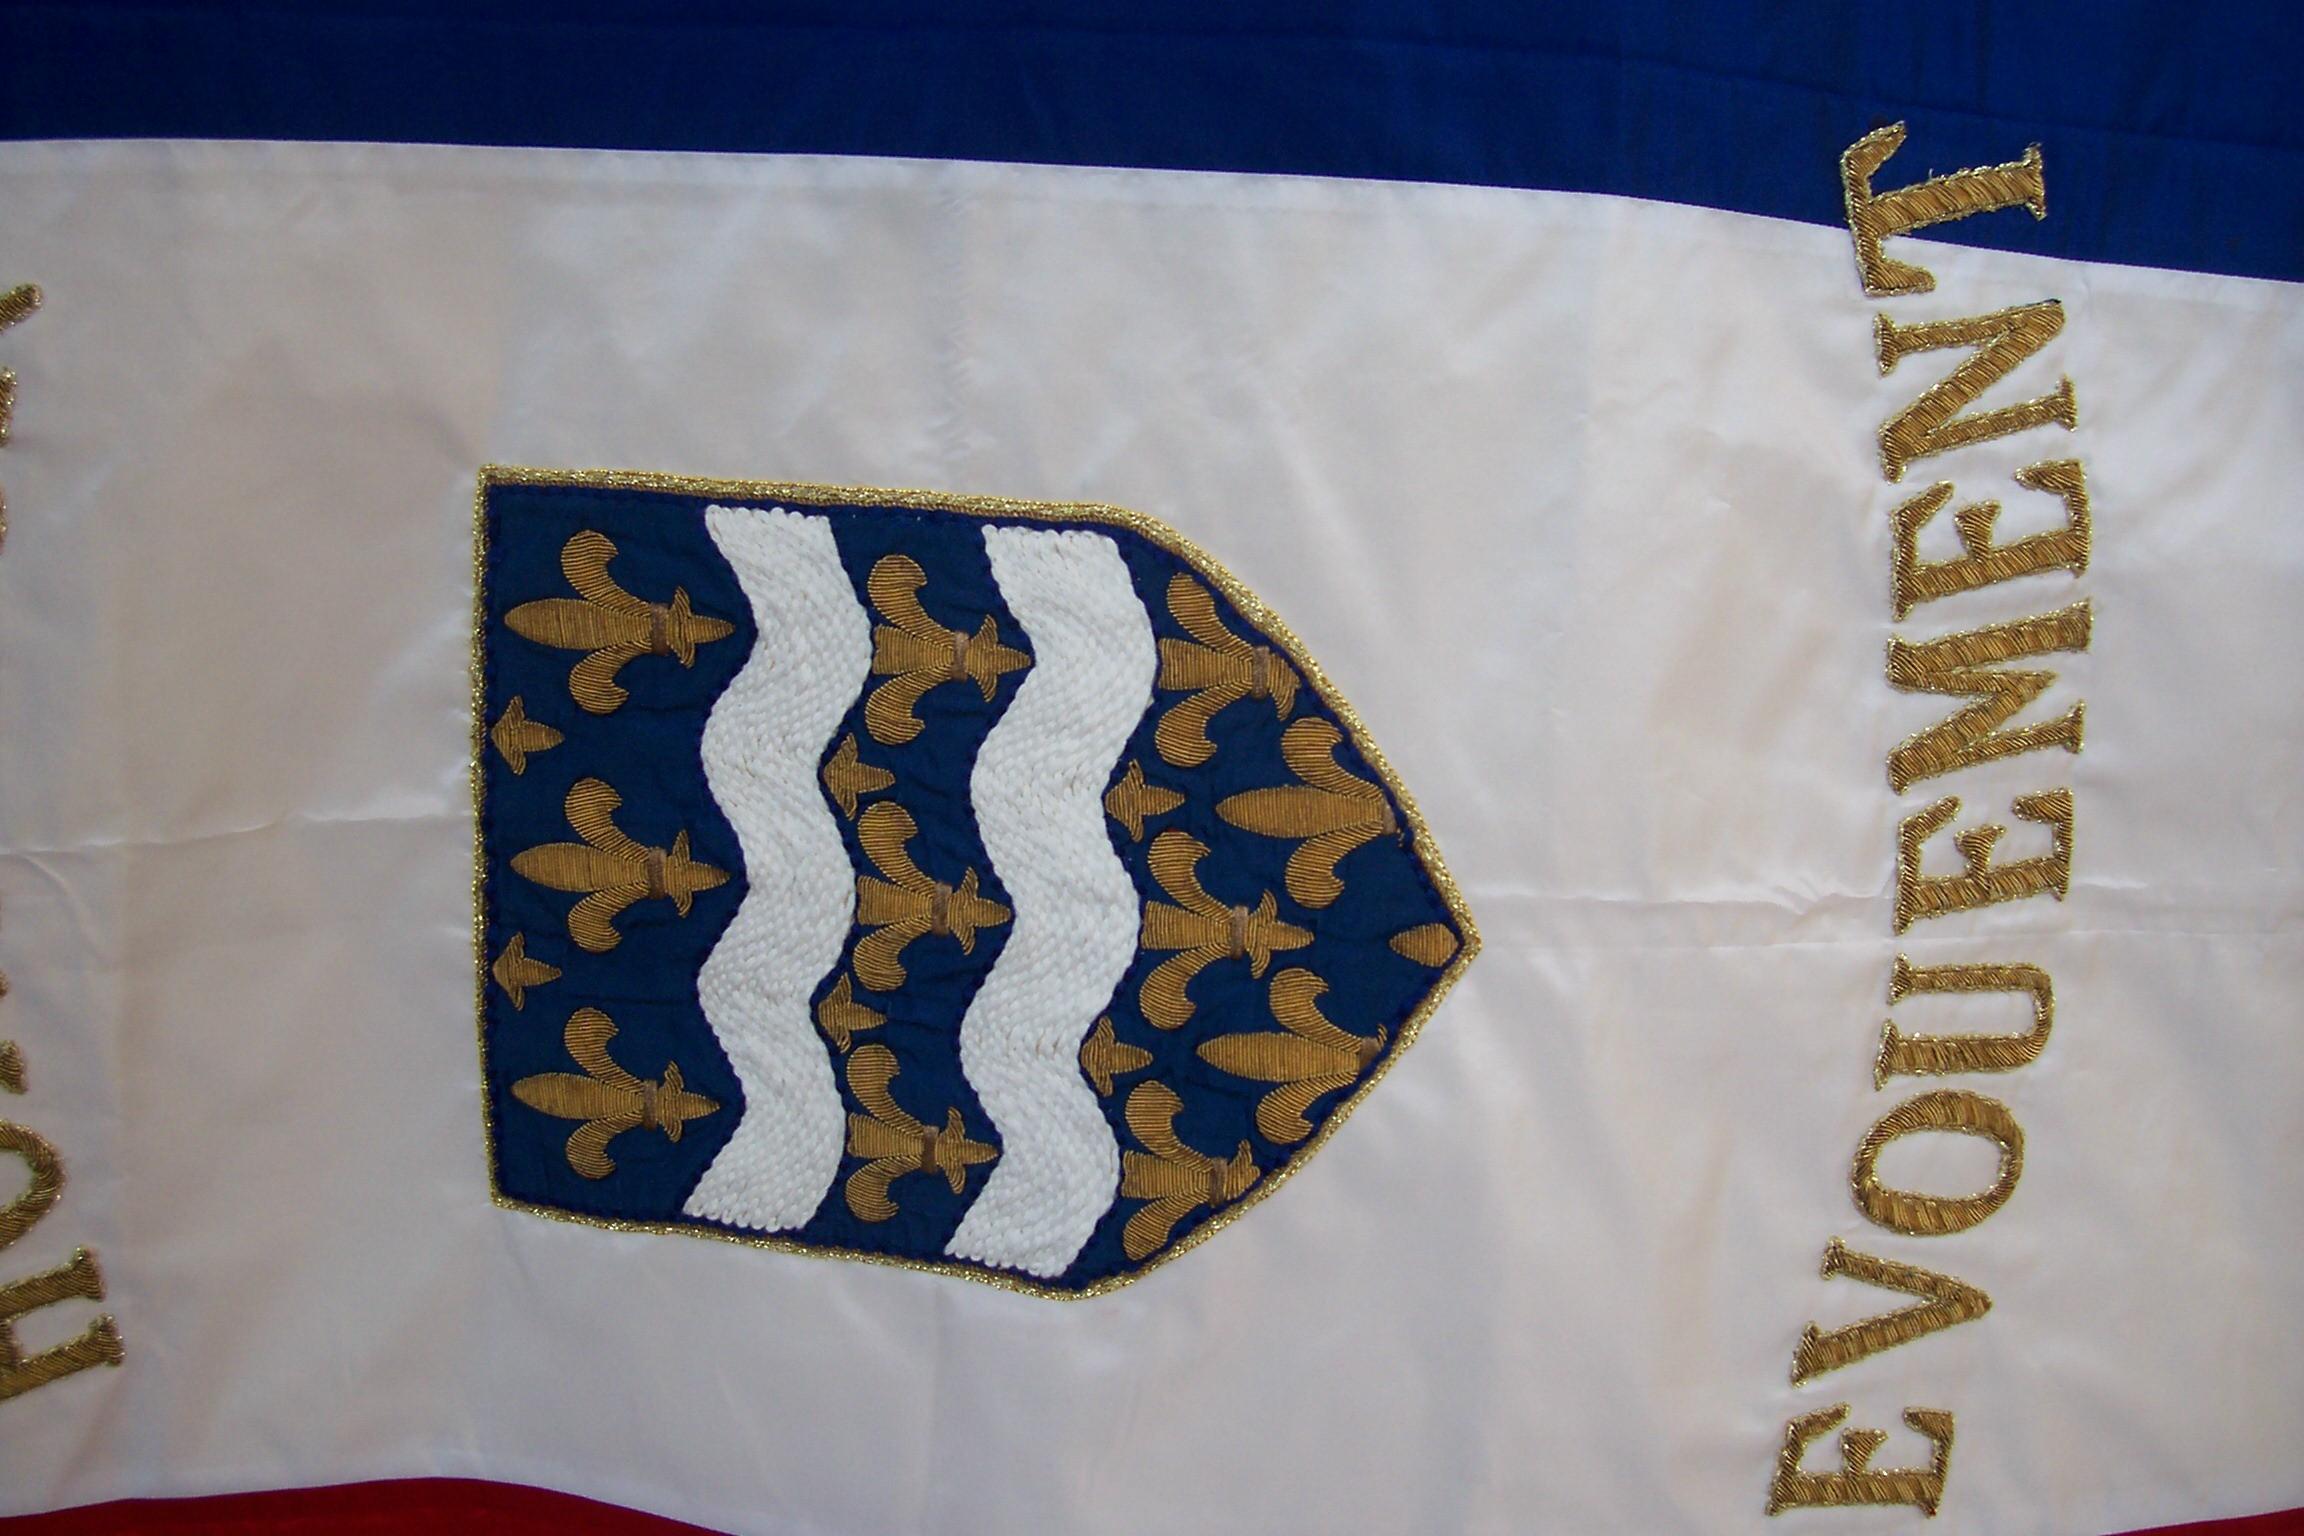 Ecu réappliqué sur drapeau nettoyé